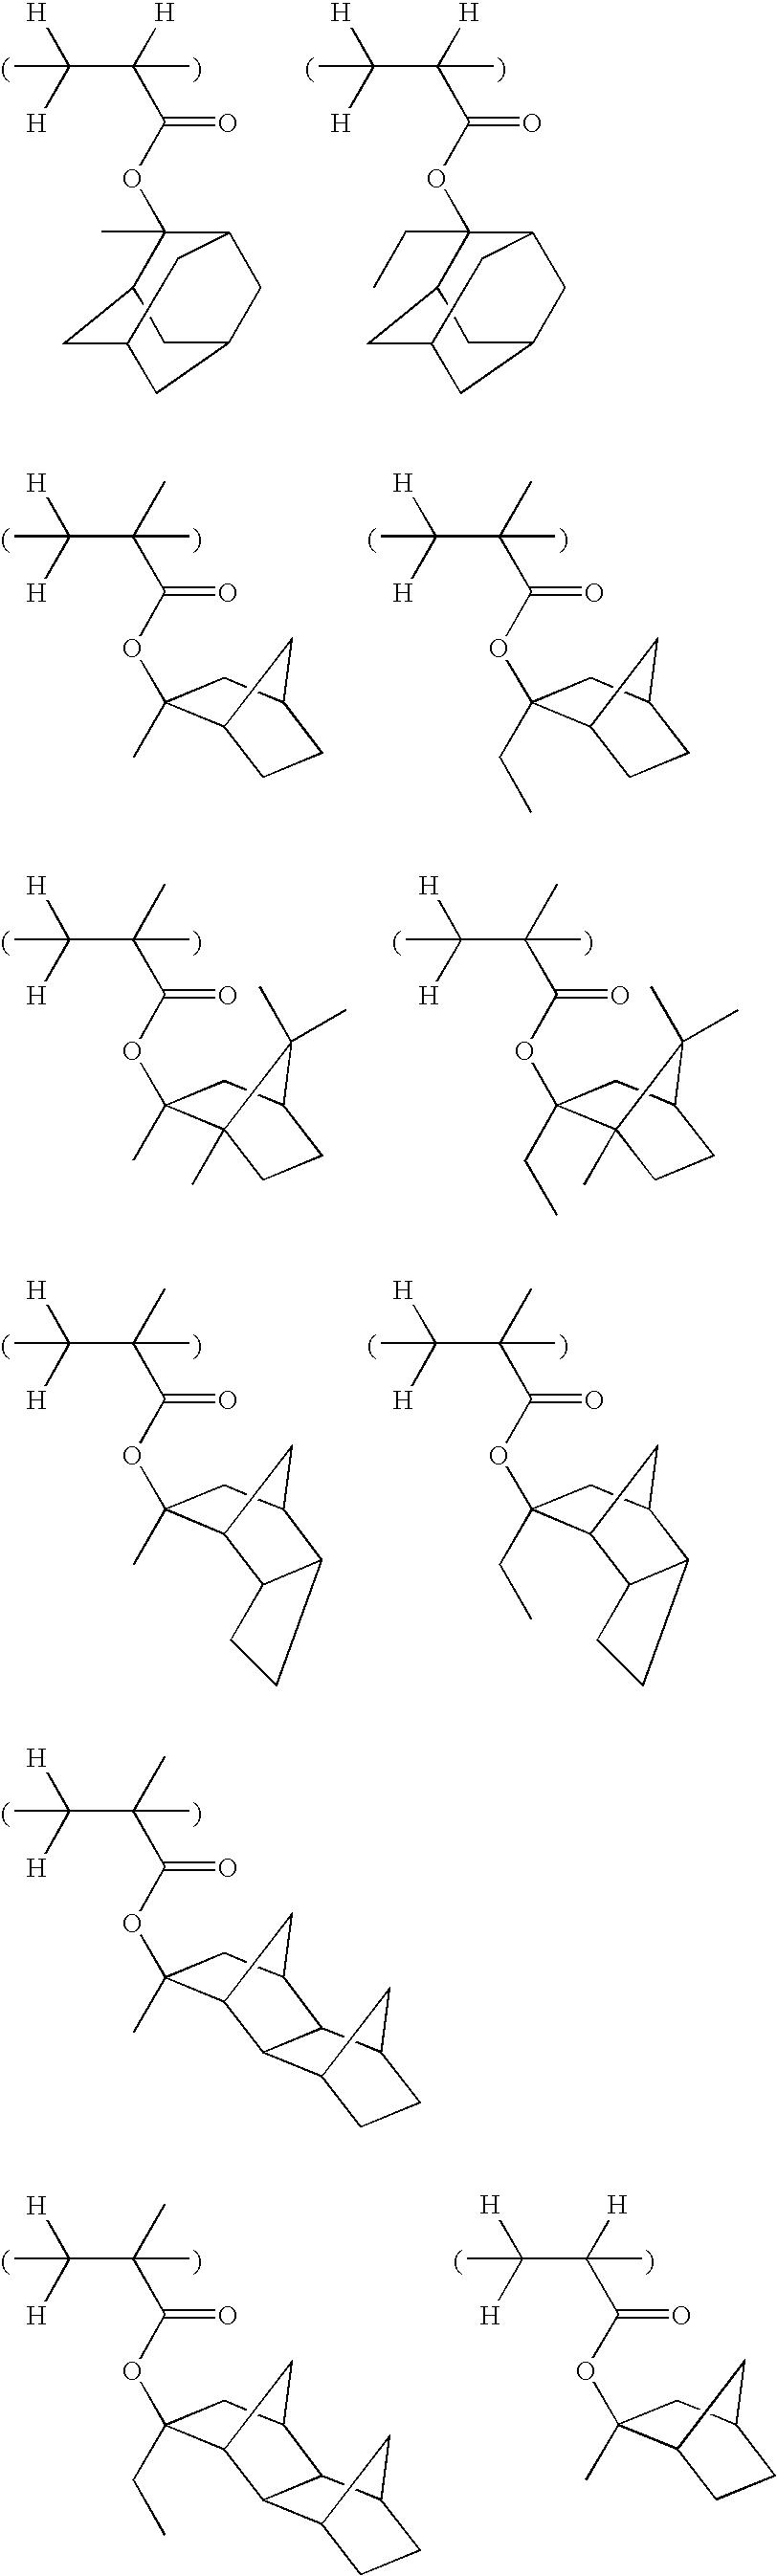 Figure US20090011365A1-20090108-C00063